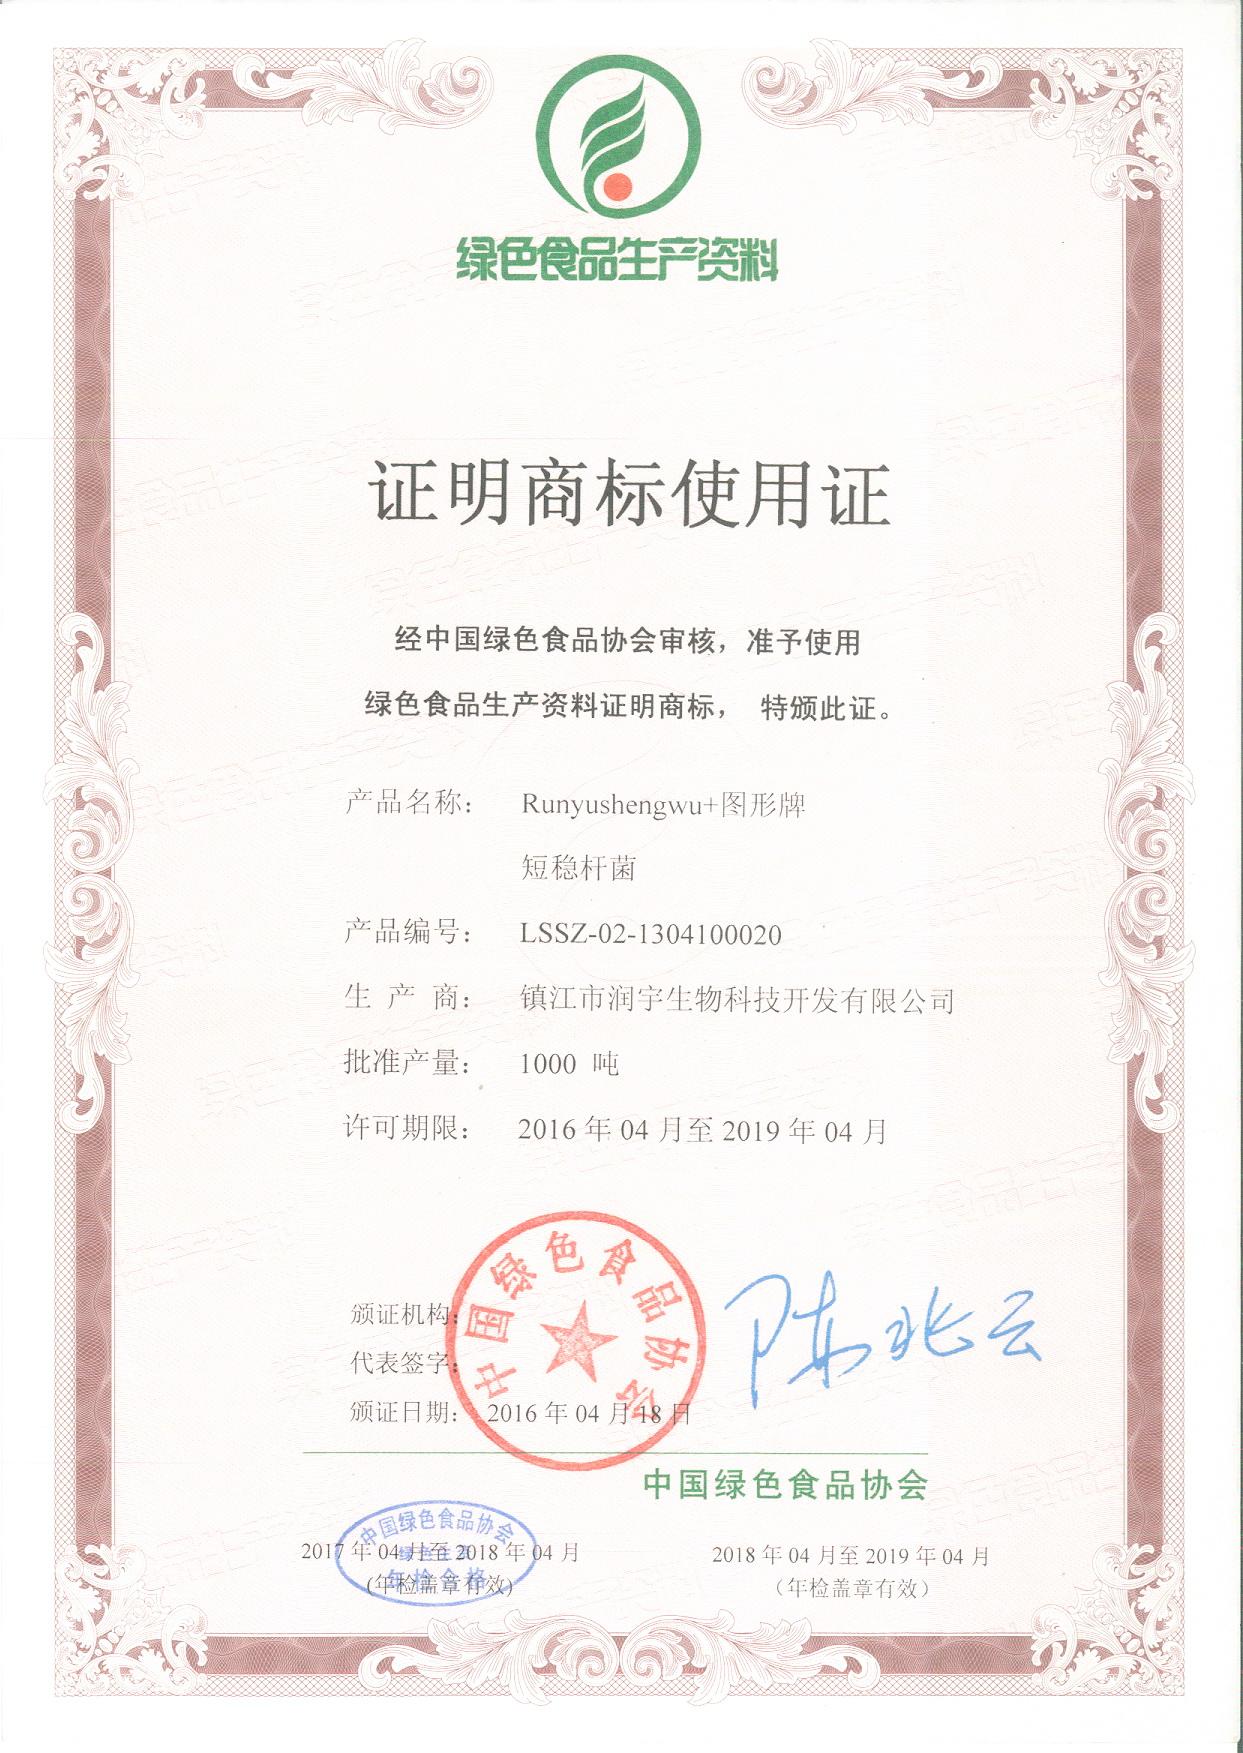 国家绿色食品生产资料证书